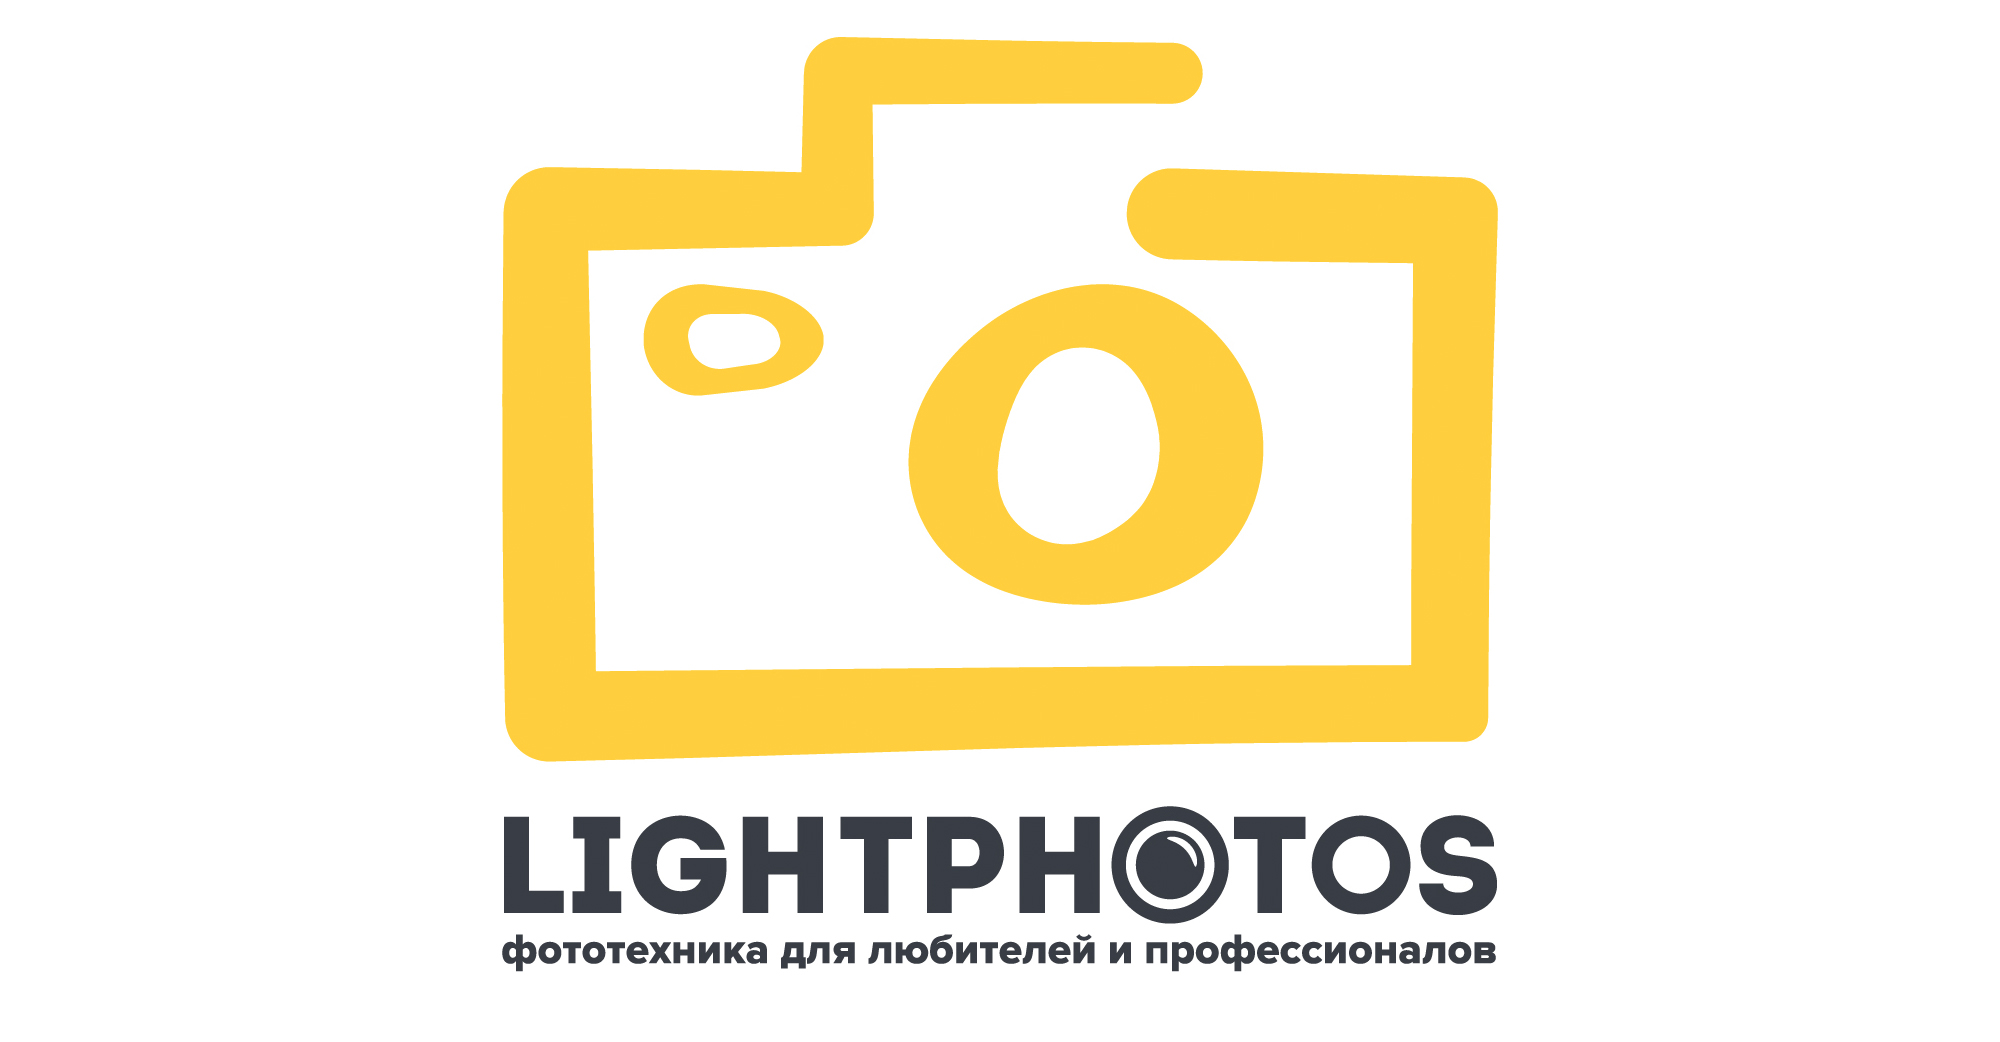 интернет фотомагазины в москве роль